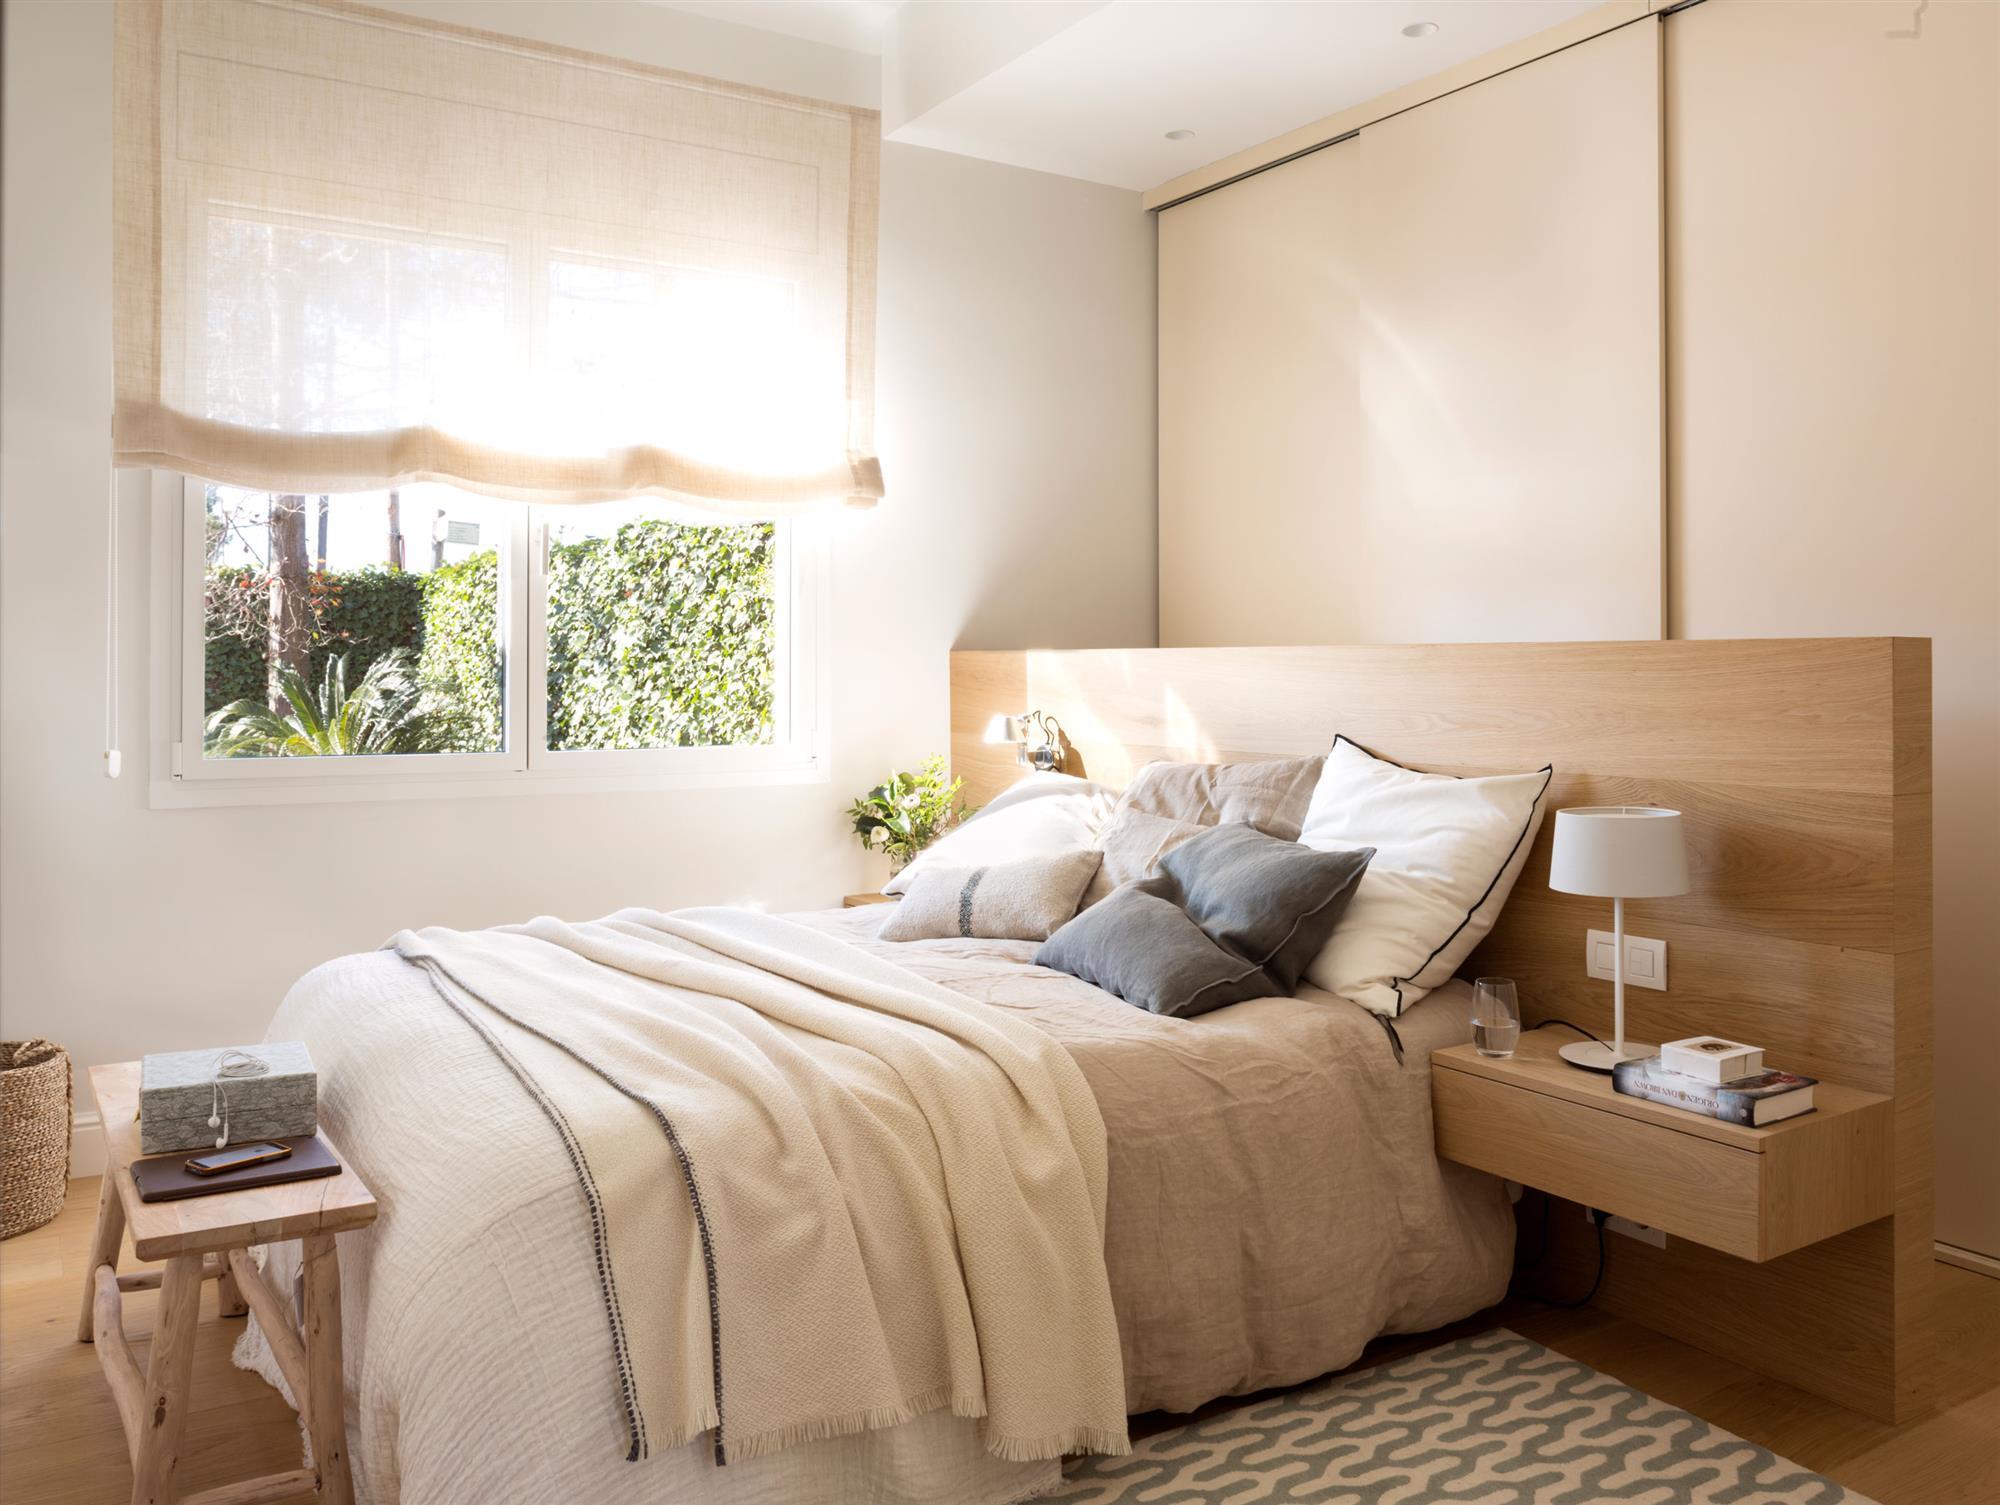 2713 Fotos de Dormitorios